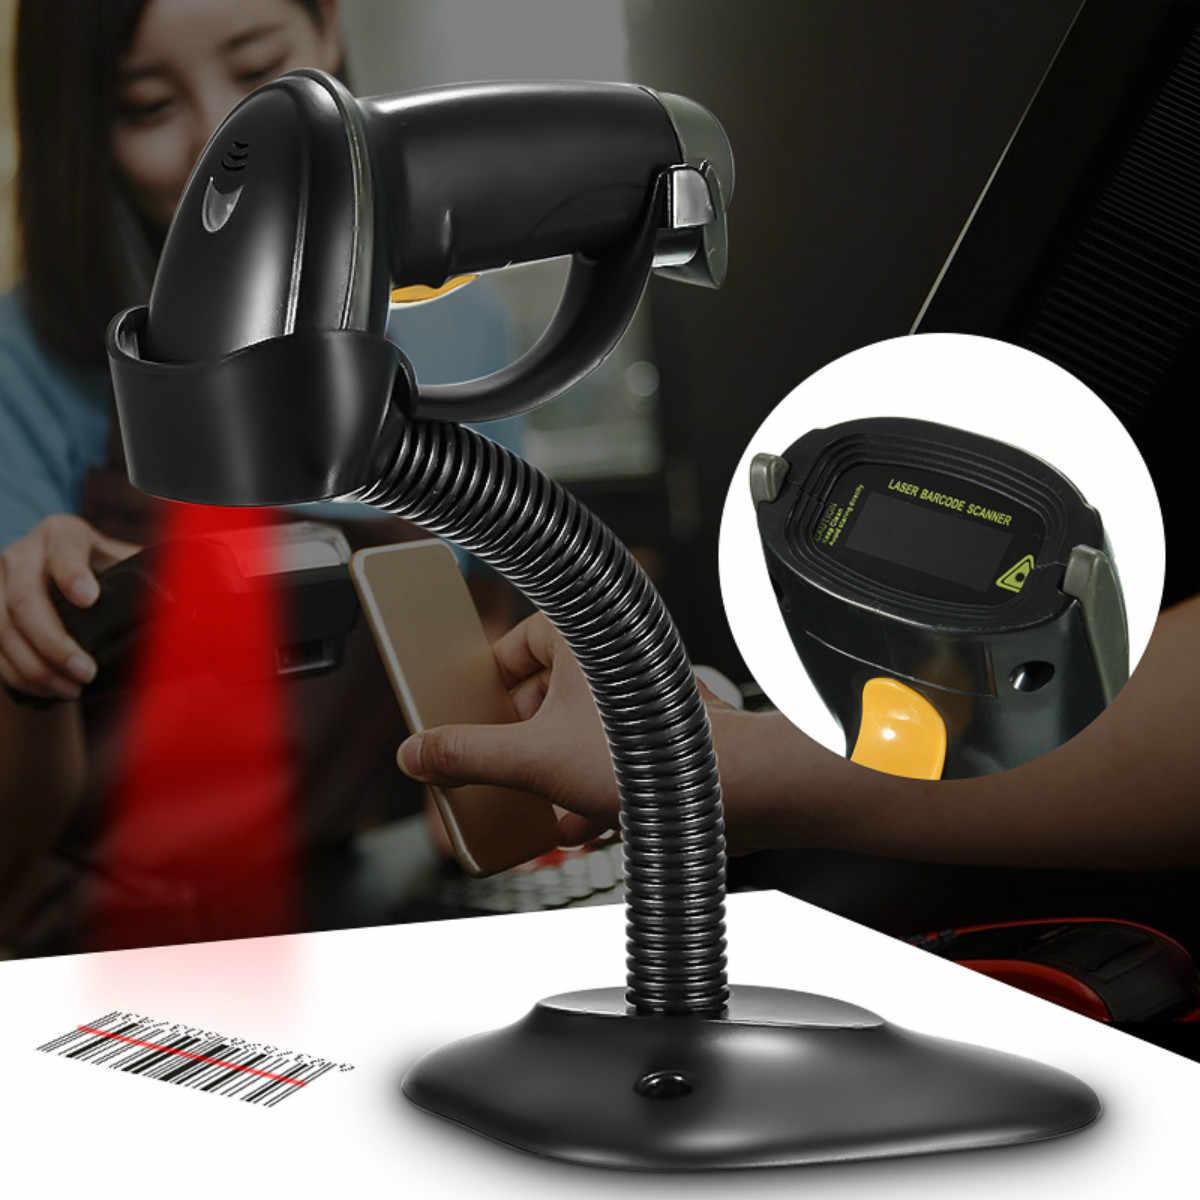 Використання сканерів штрих коду для безперервного сканування в автоматичному режимі.